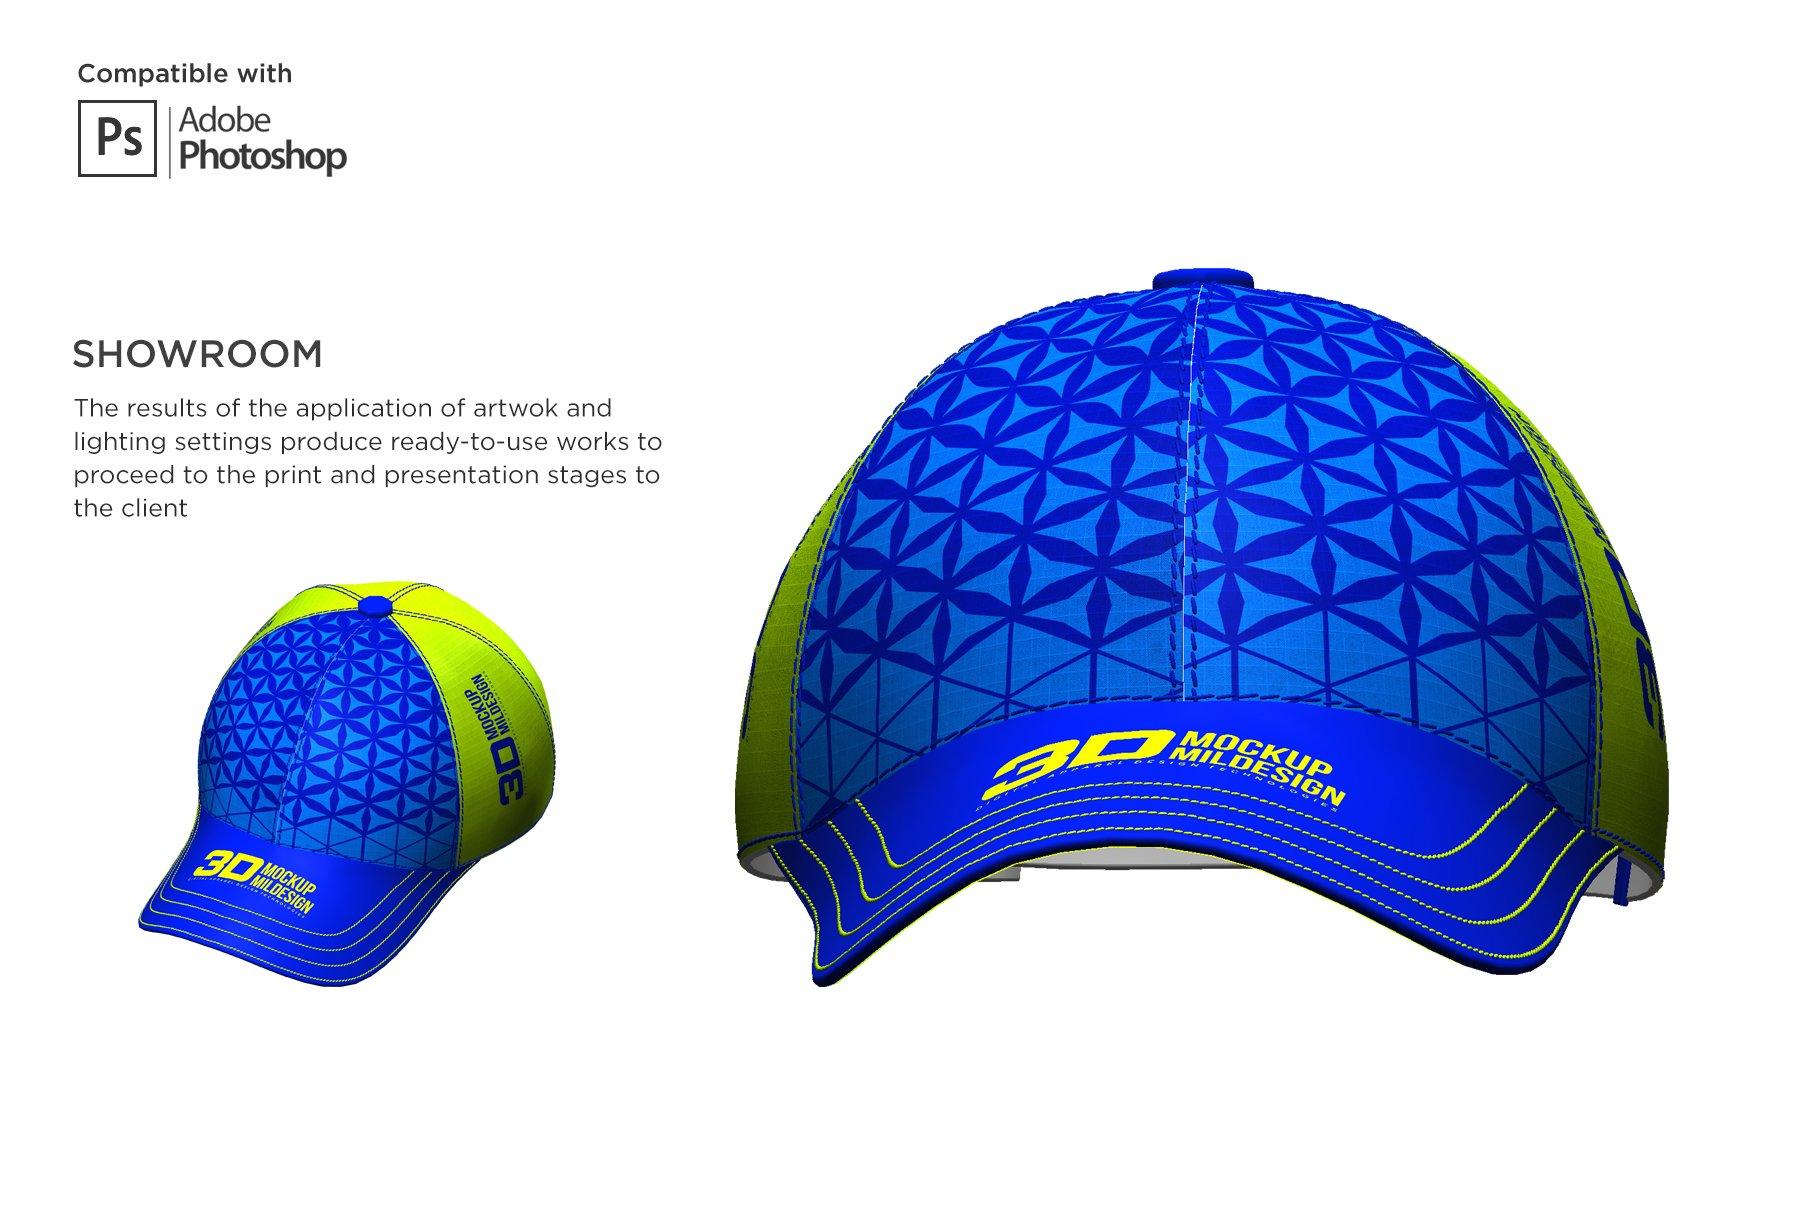 3D半球帽印花图案设计展示贴图样机模板 3D Baseball Cap Mockup插图7